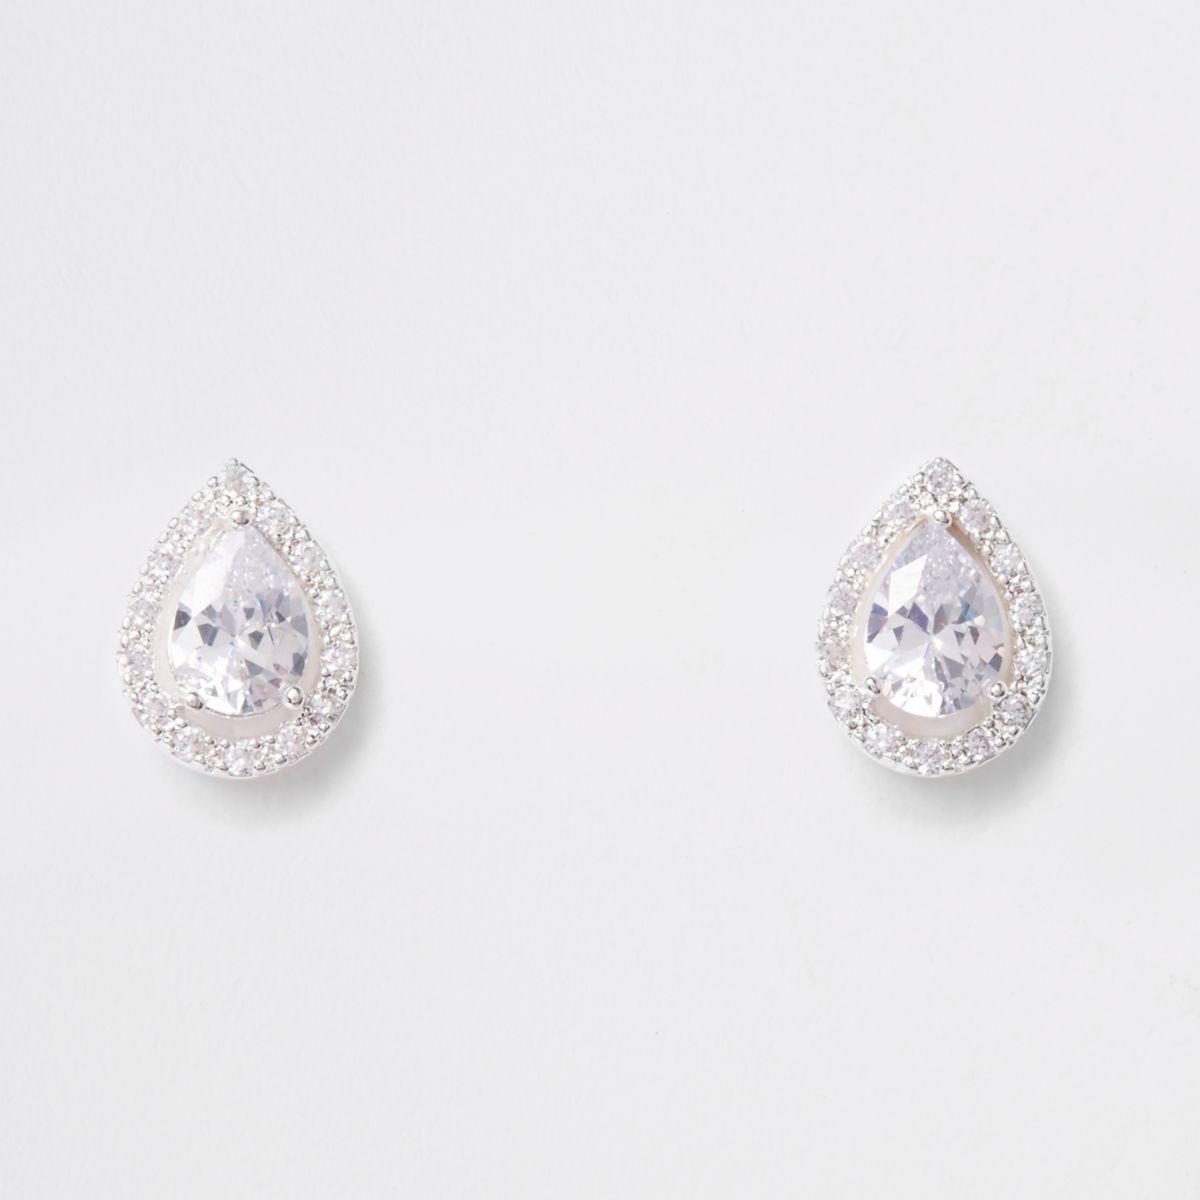 SIlver plated cubic zirconia teardrop earring